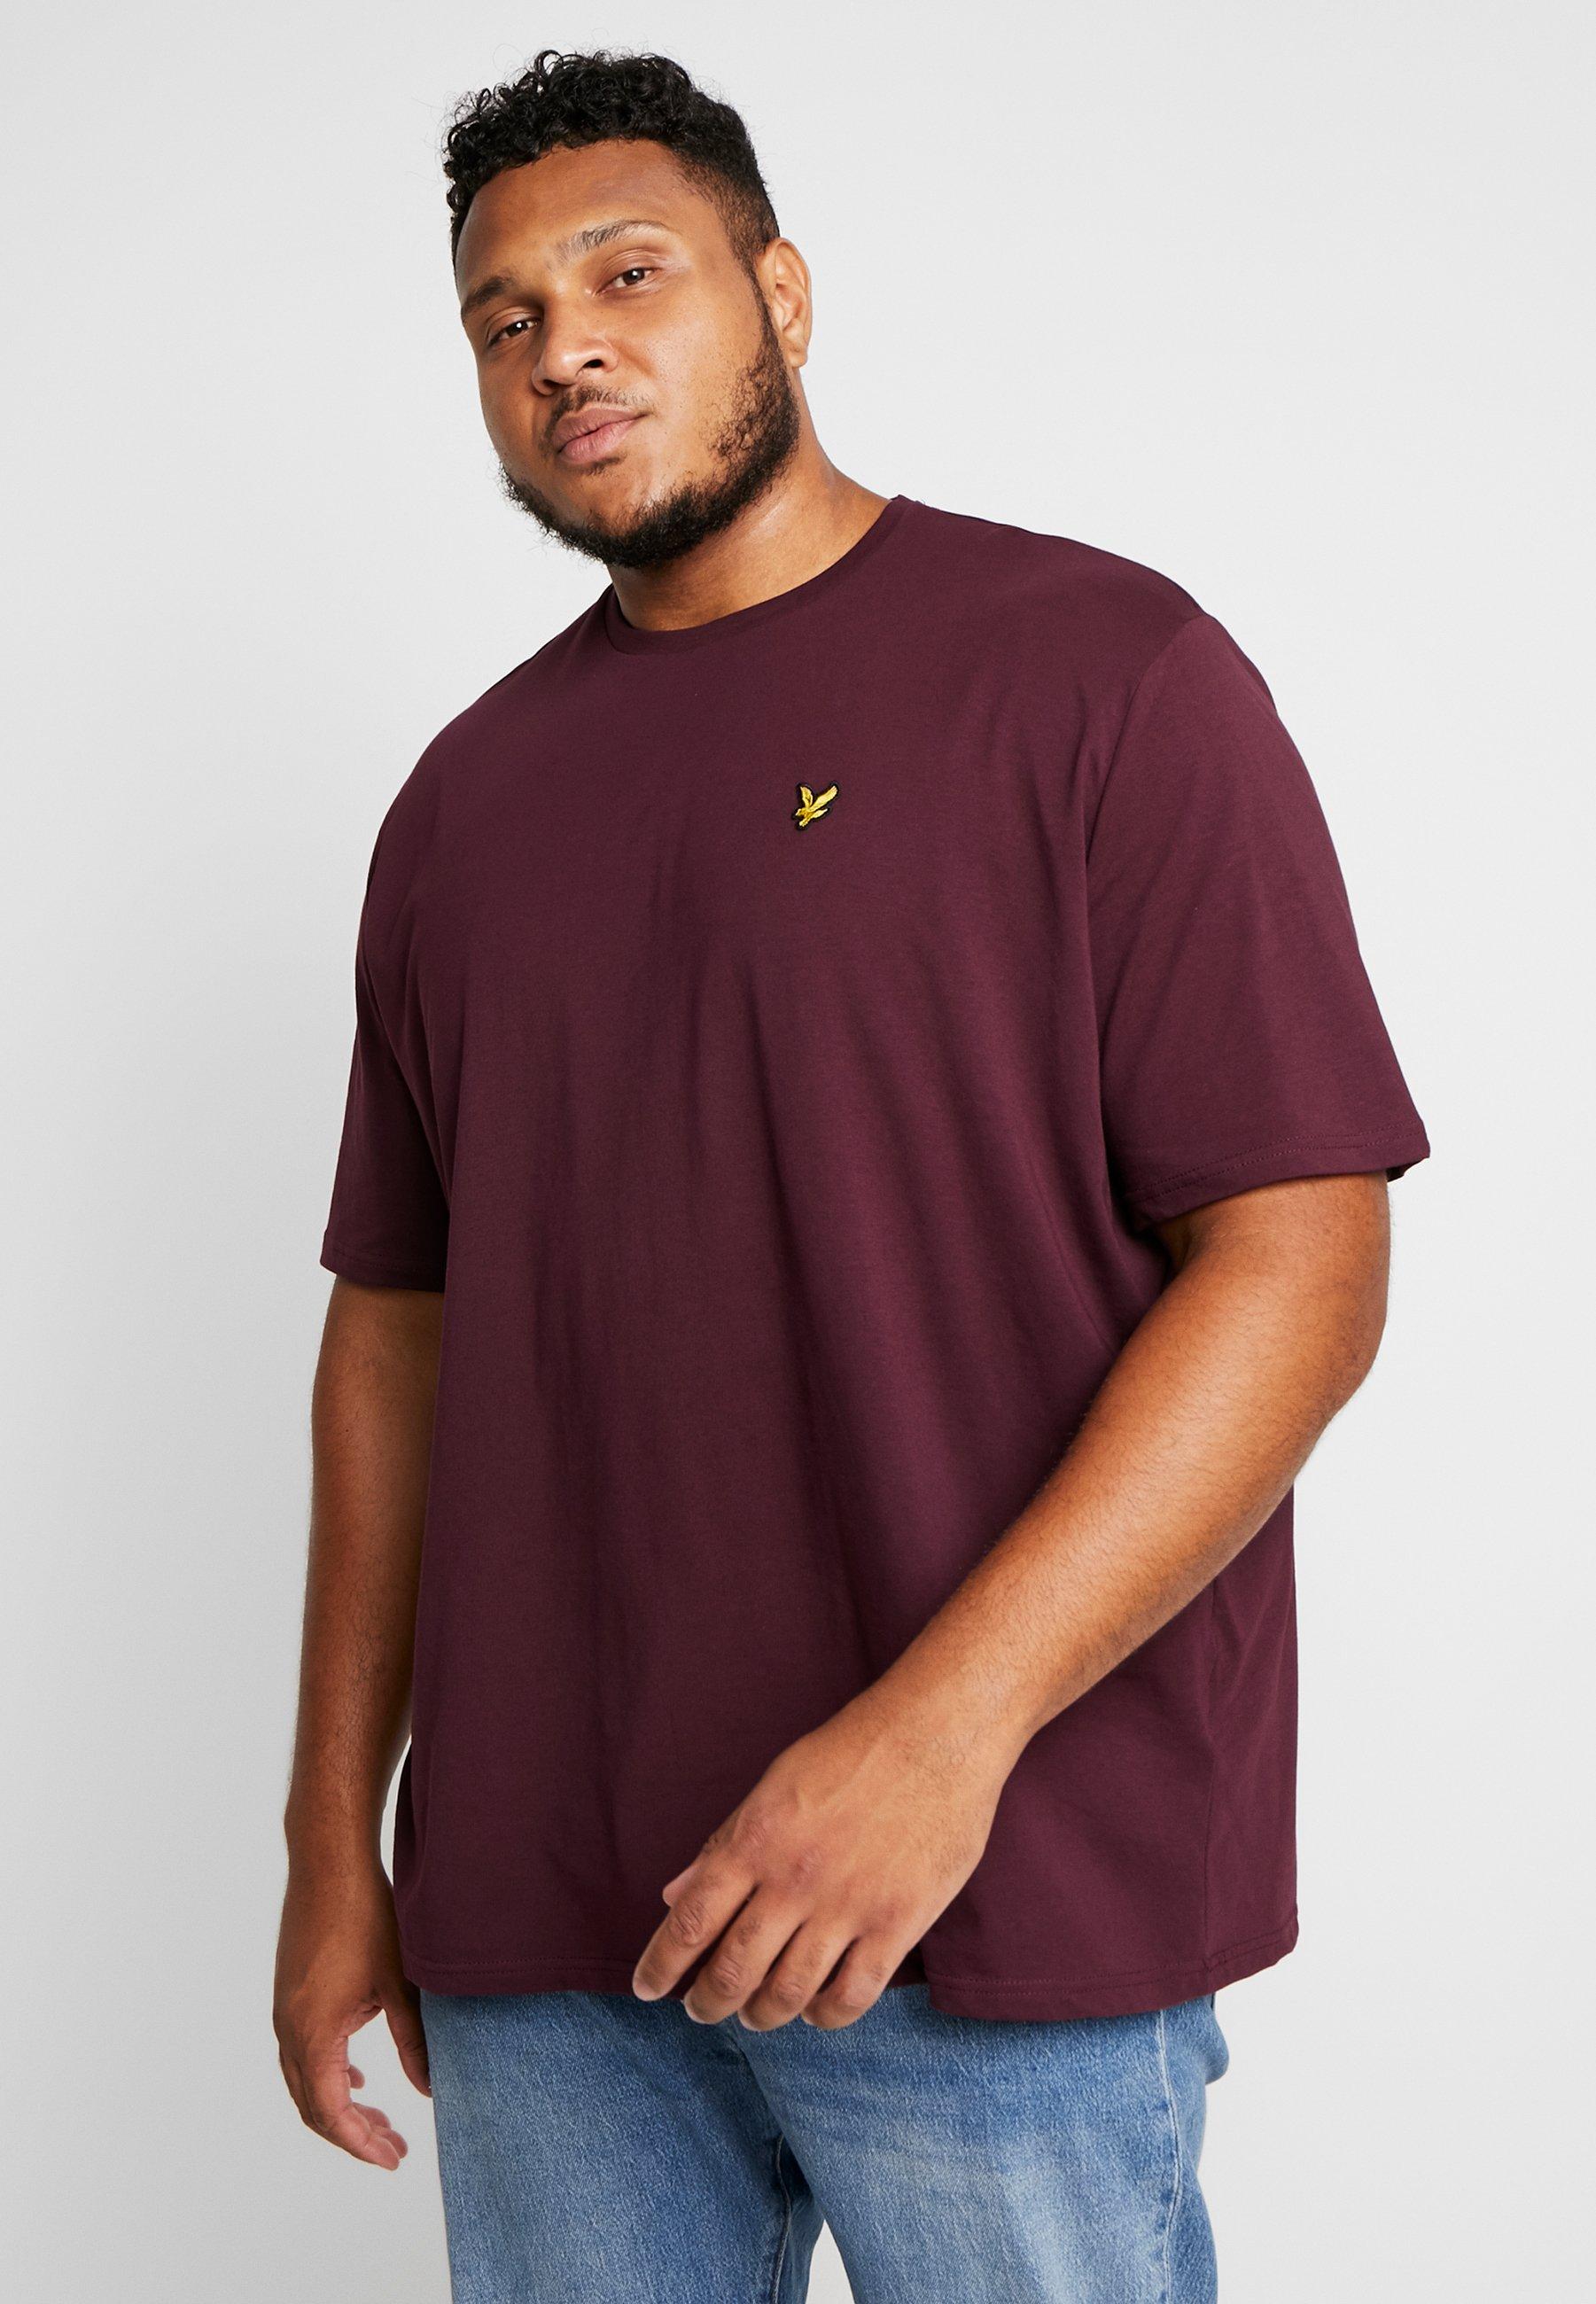 Burgundy NeckT Crew Scott Basique Lyleamp; shirt m0N8nw